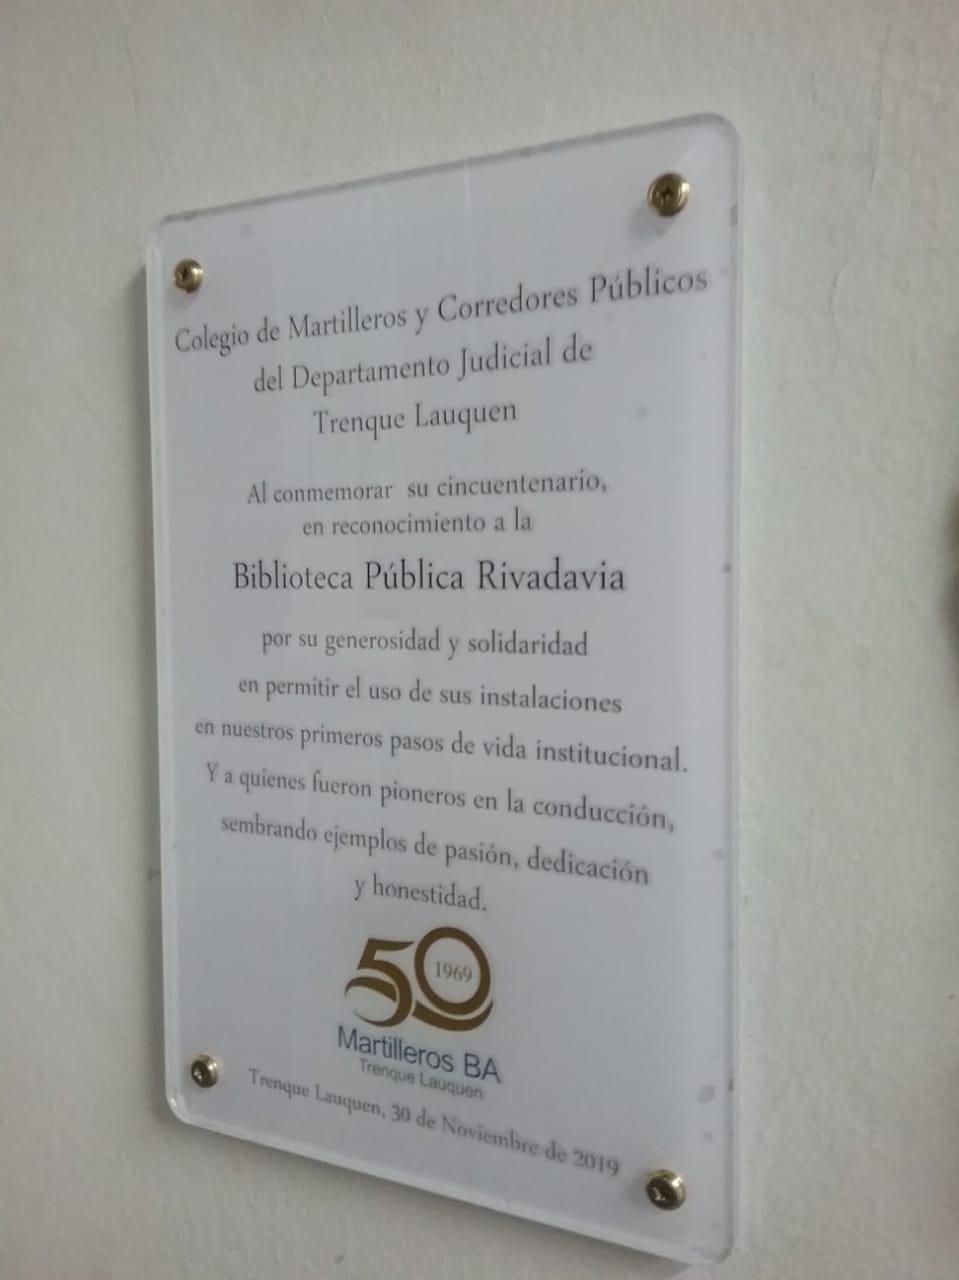 50 aniversario del Colegio de Martilleros